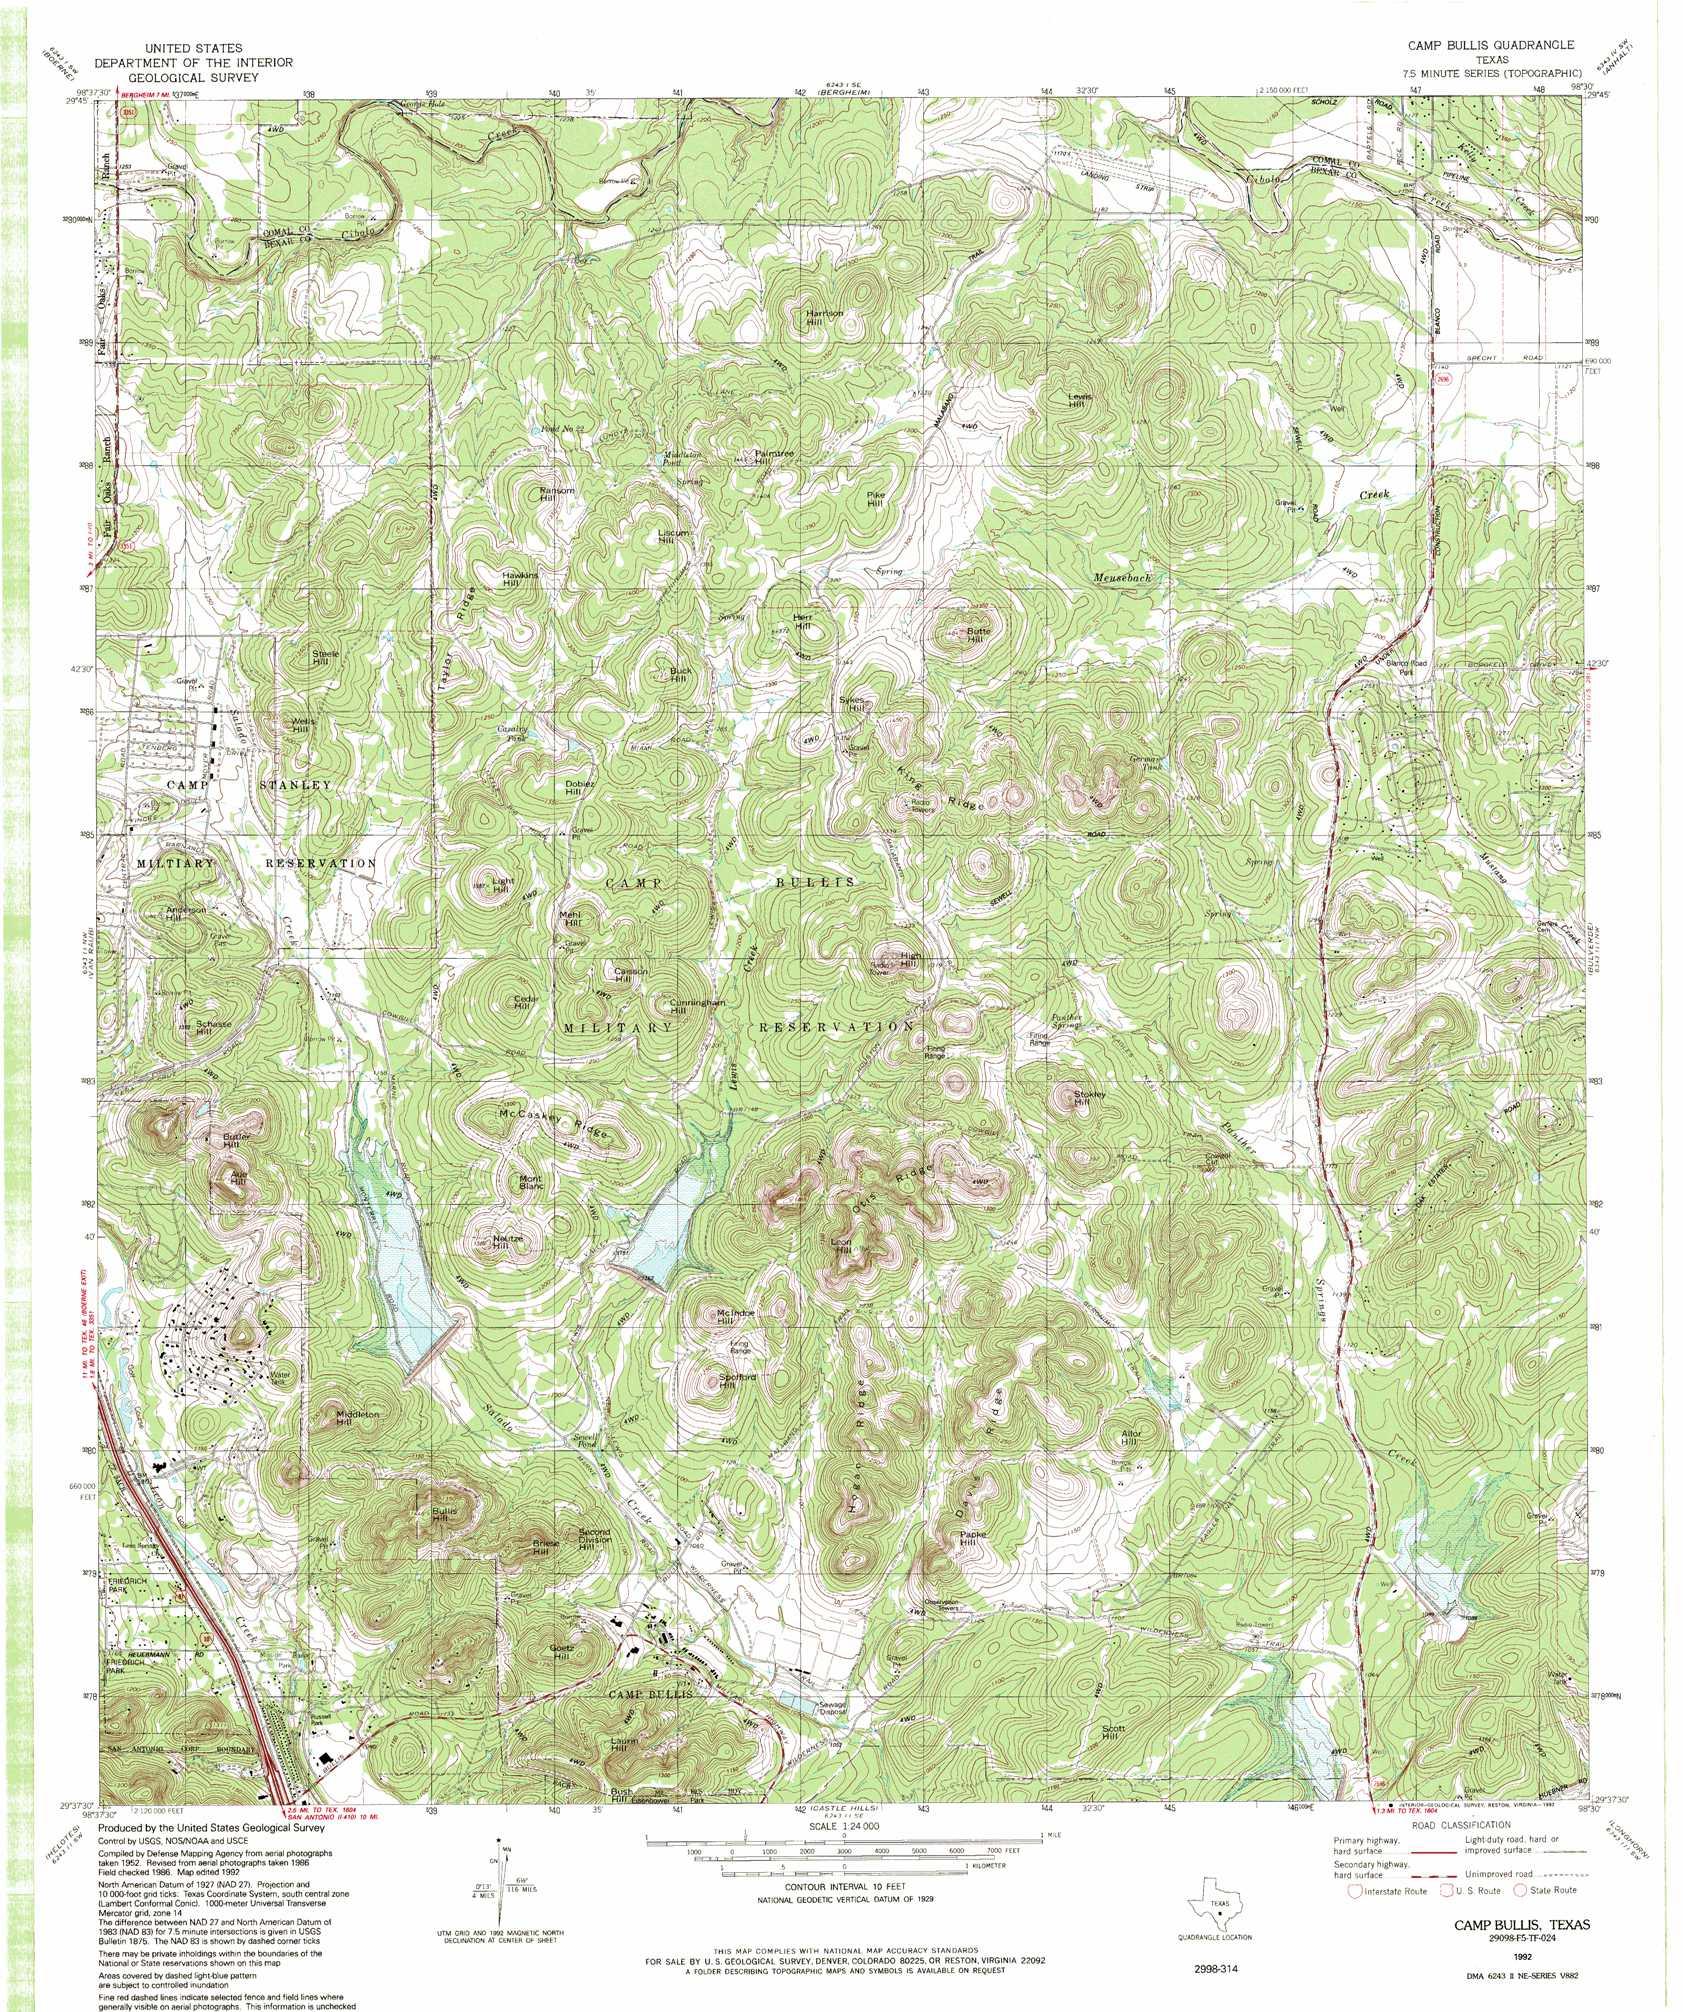 Camp Bullis Topographic Map Tx Usgs Topo Quad 29098f5